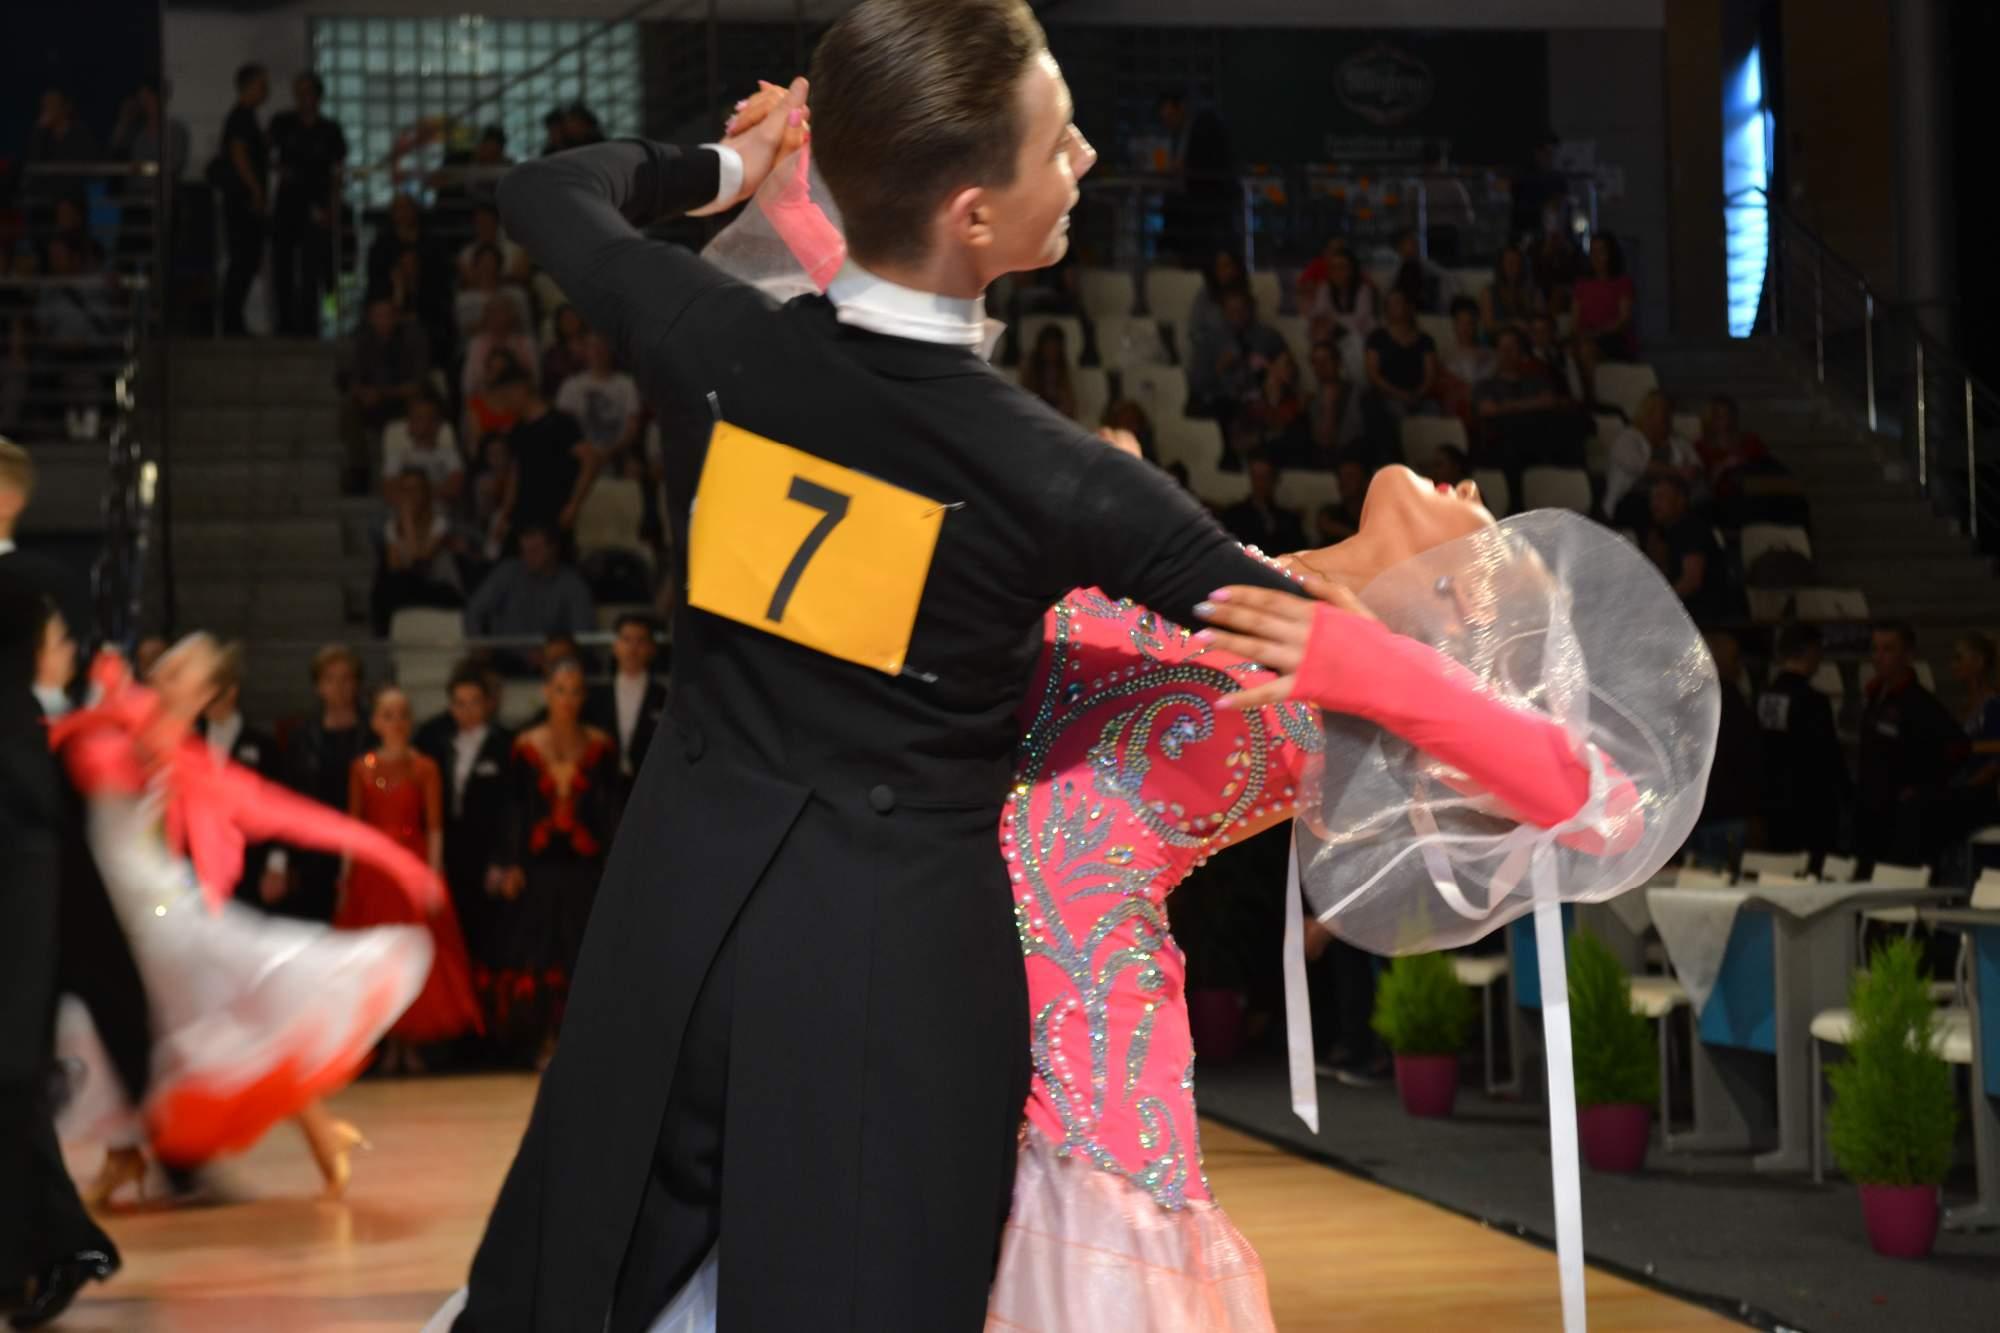 Tanečníci soutěžili v latinských tancích a ve standardních tancích.